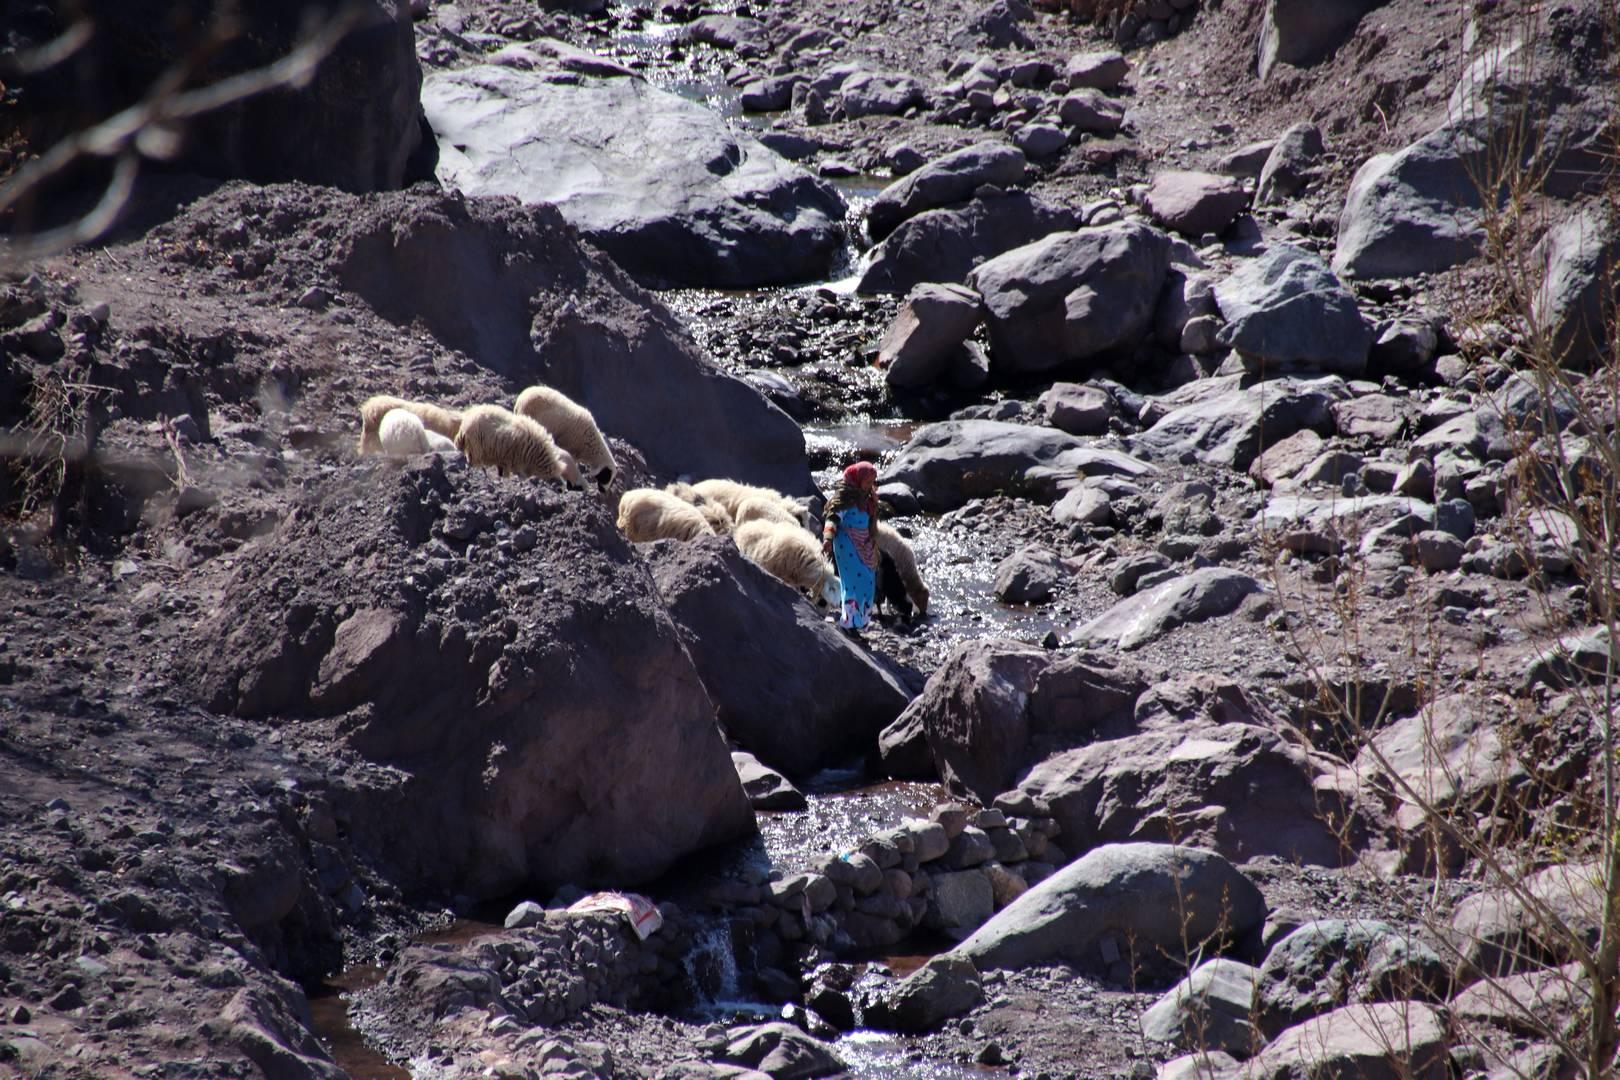 Maroc - Bergère dans la vallée d'Imlil